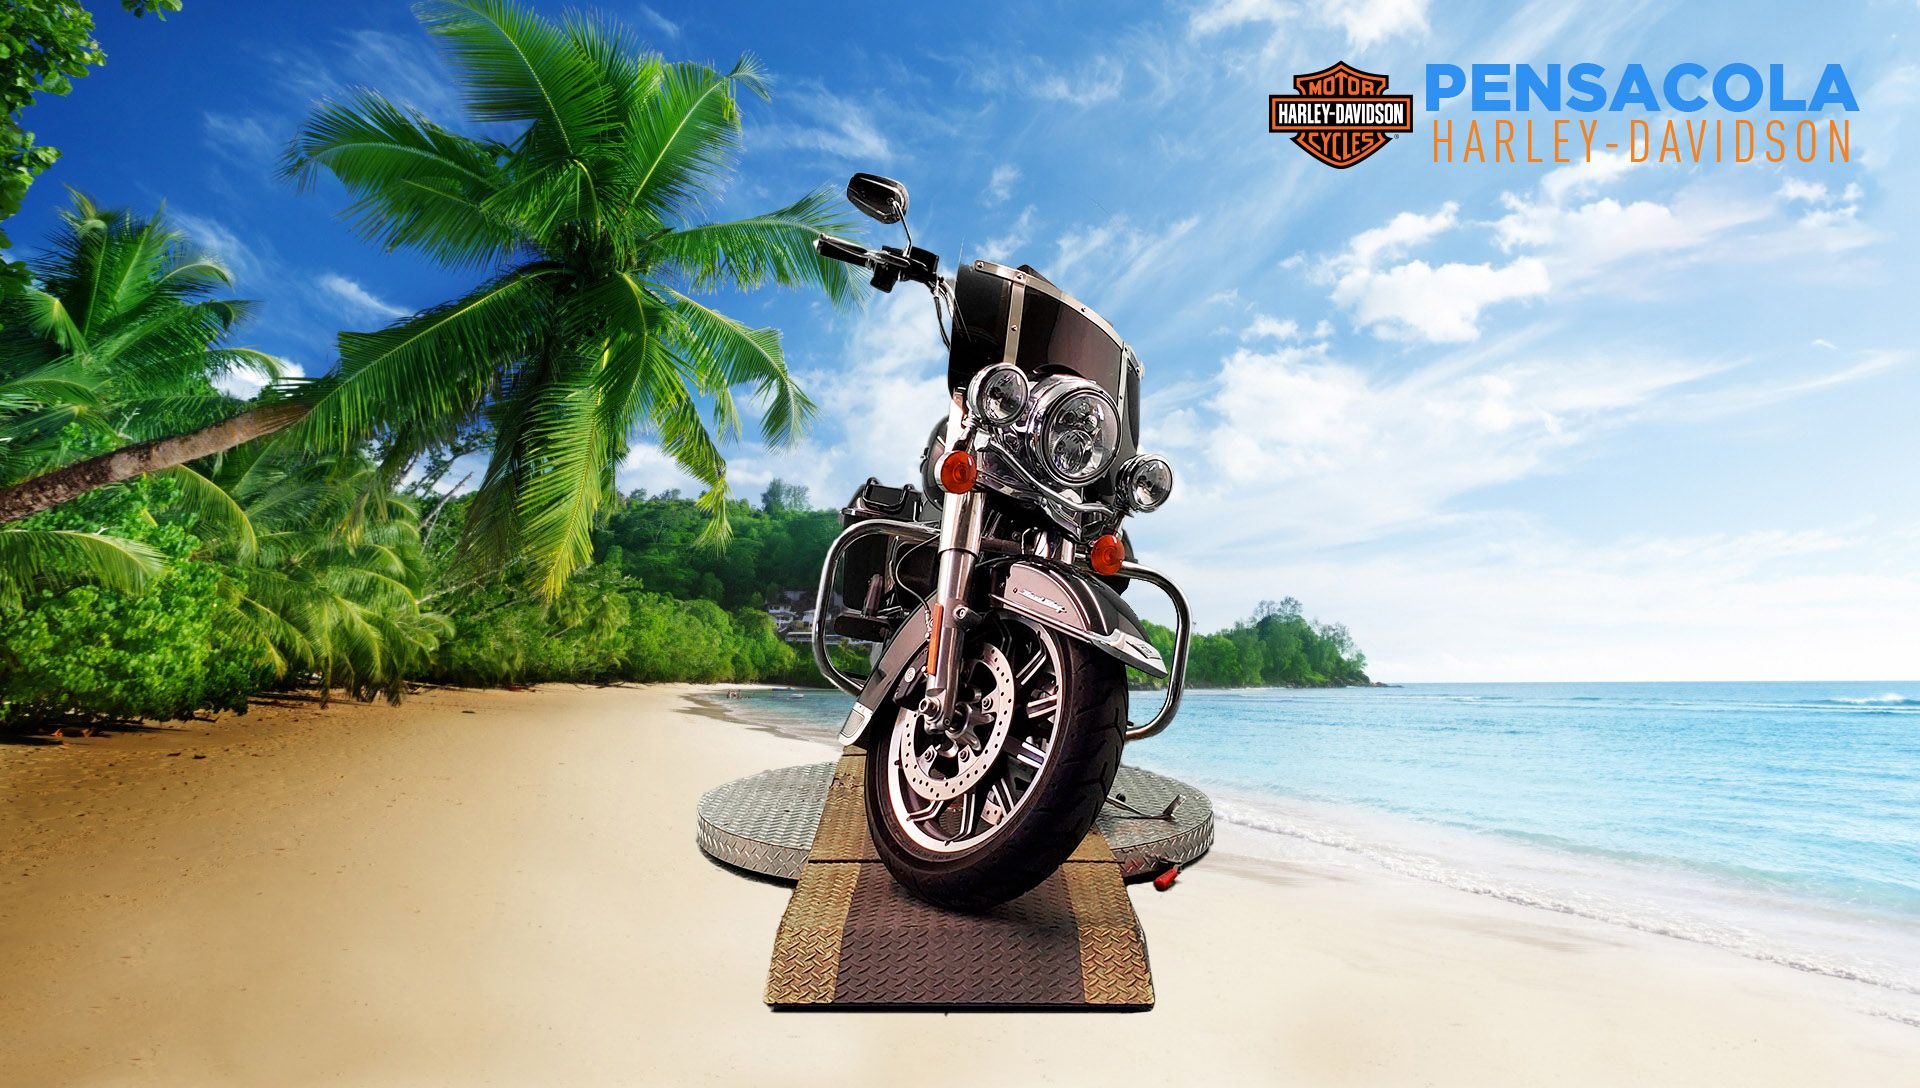 Pre-Owned 2019 Harley-Davidson Road King FLHR